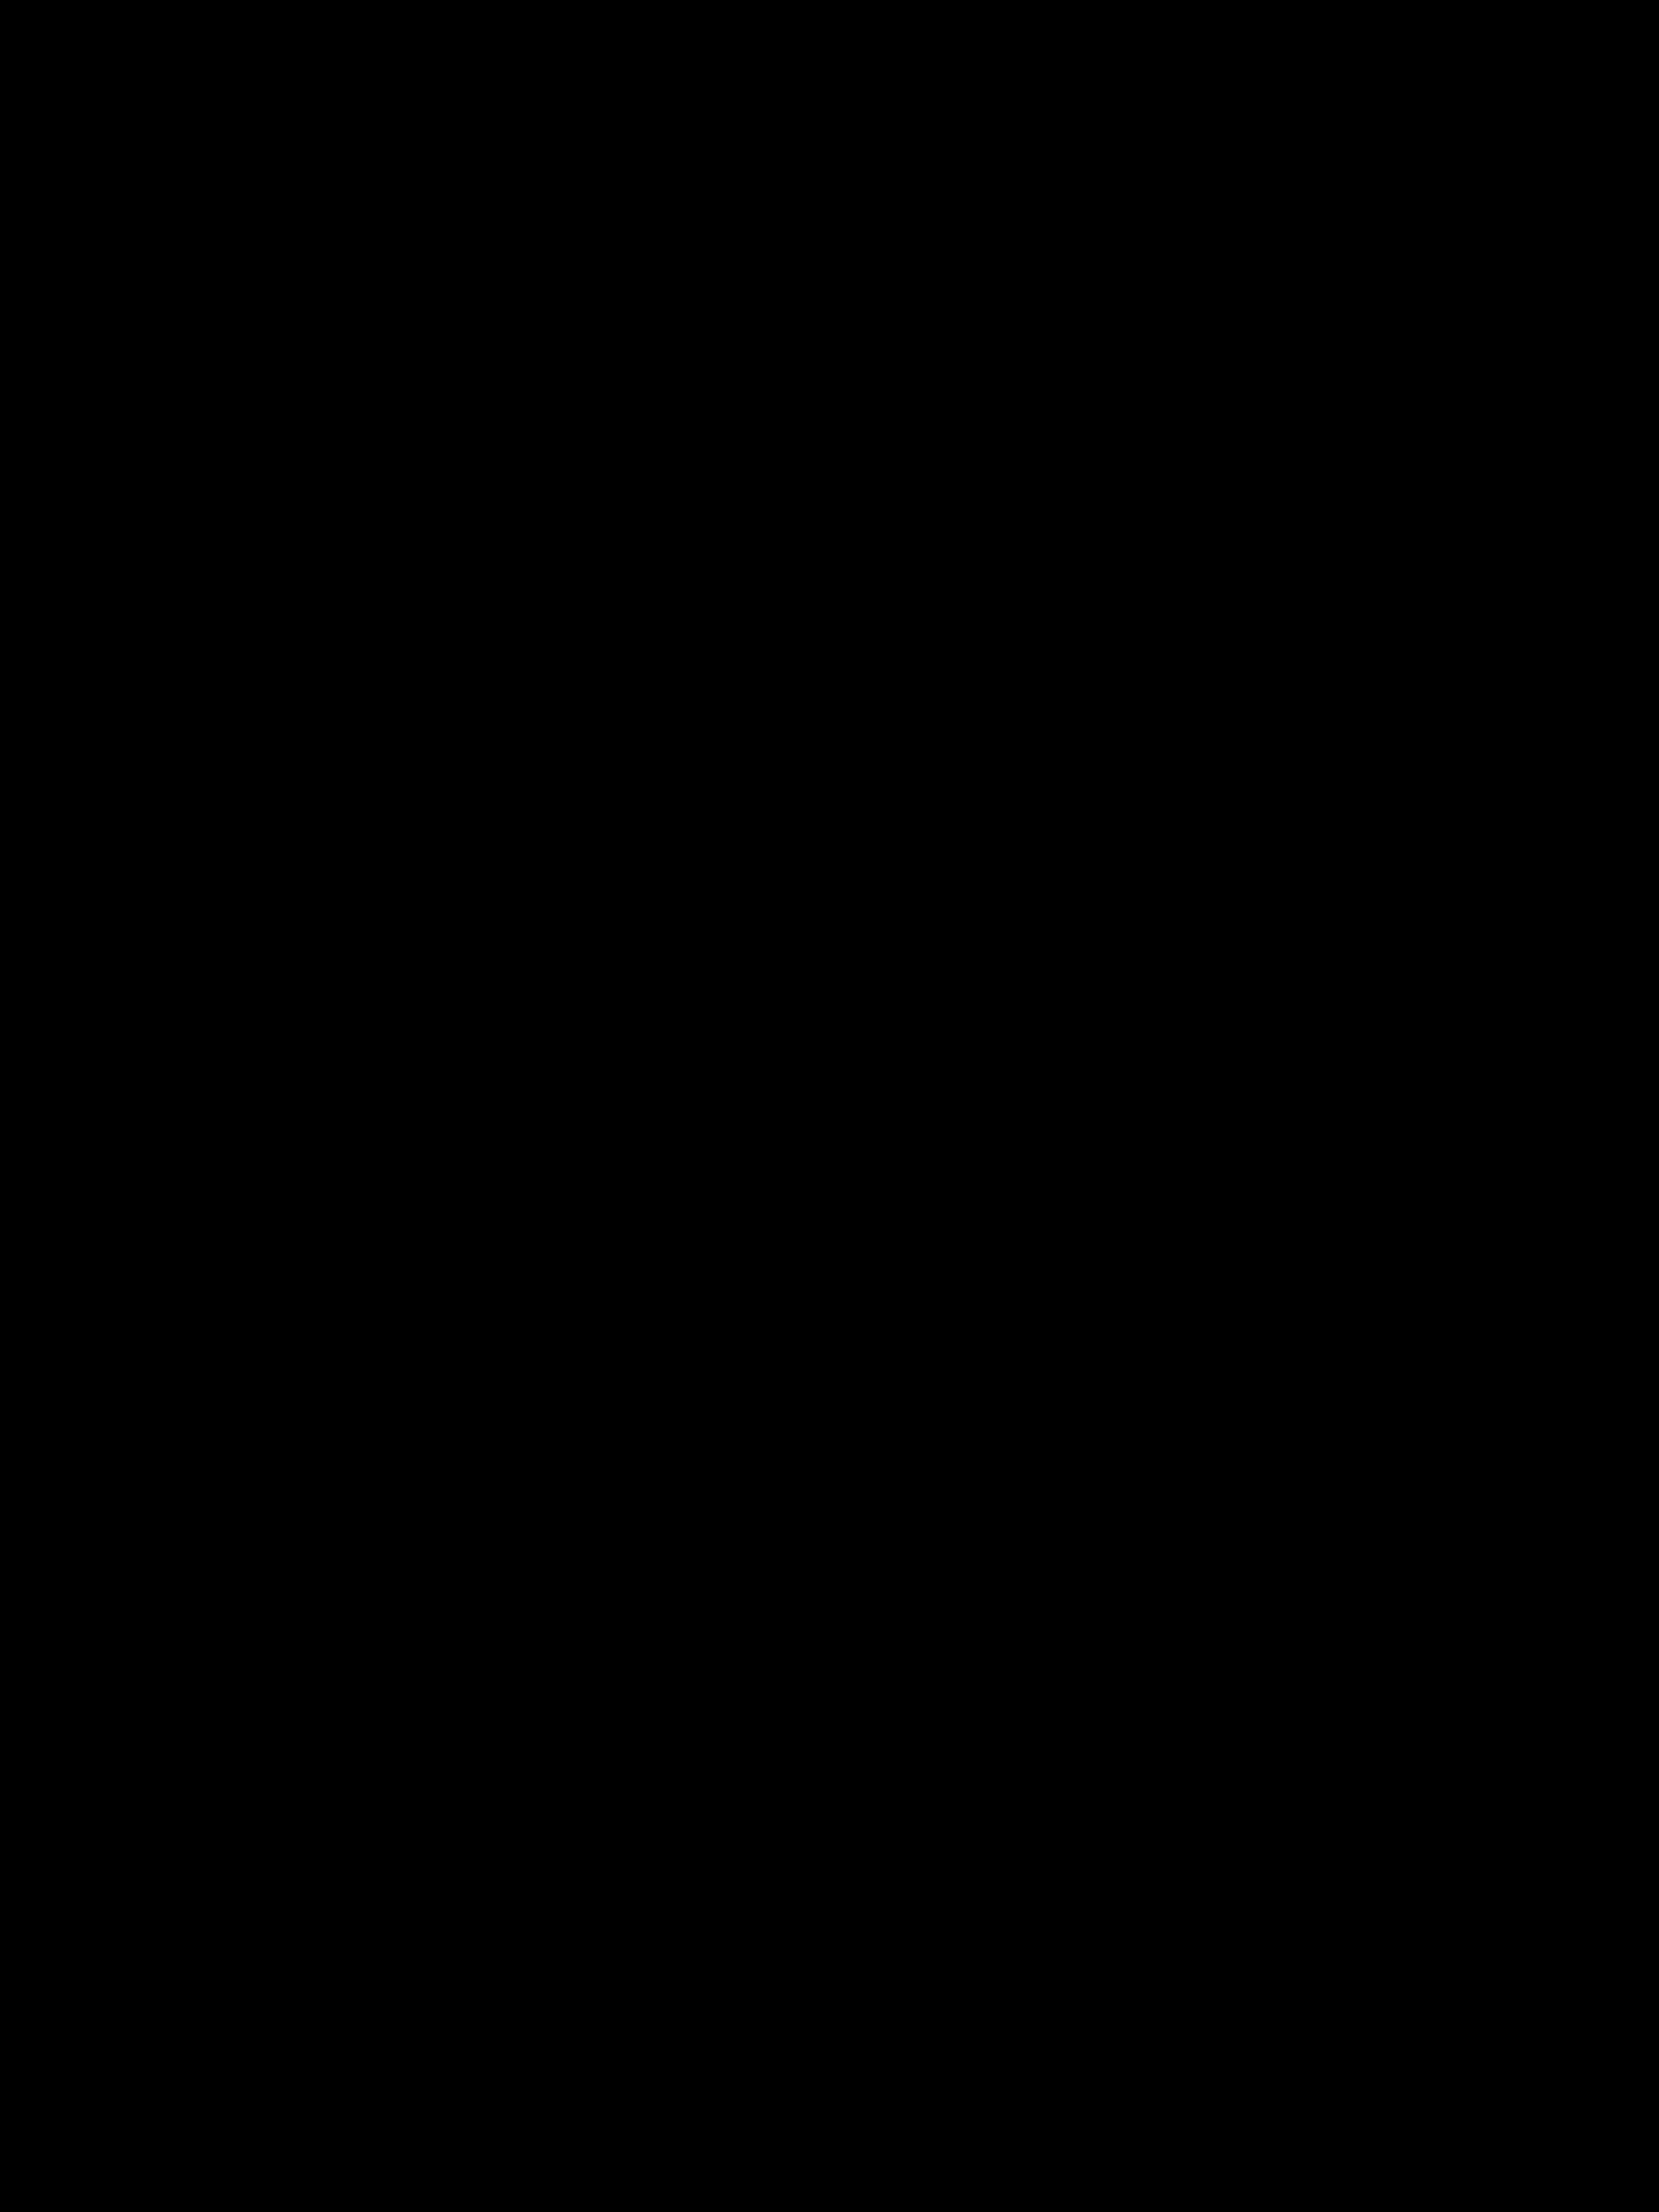 QQ华夏手游3月20日限号不删档测试开启!神曲代言人公布[多图]图片4